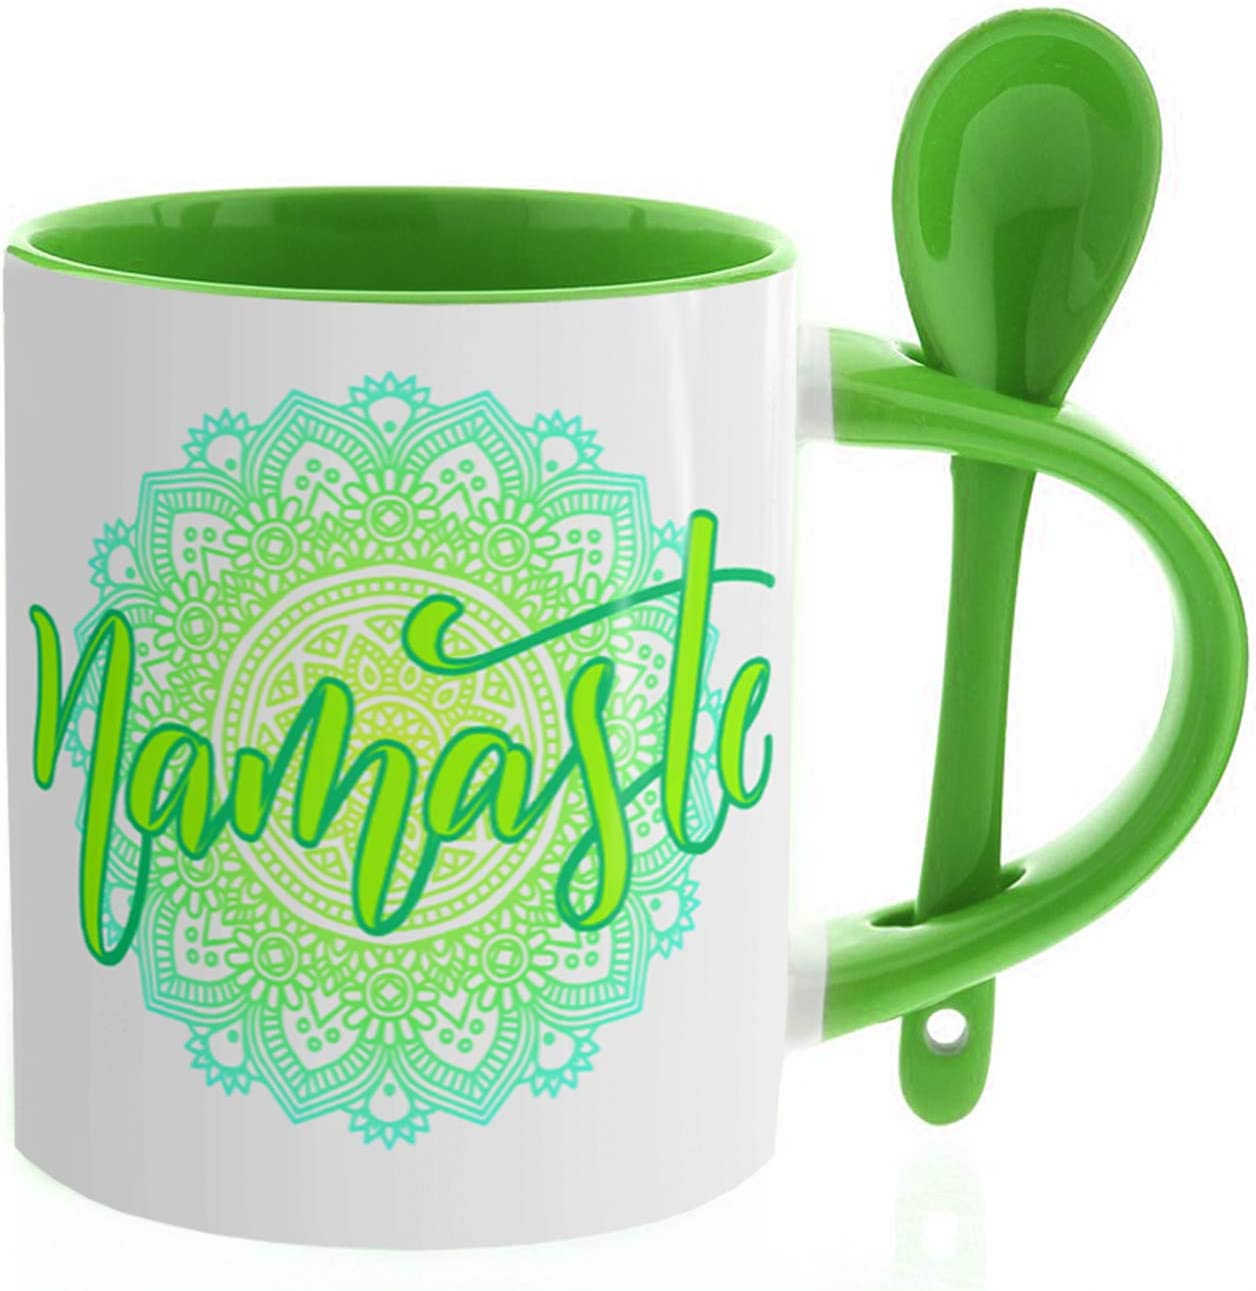 GS1 Honduras Kembilove Tazas de Desayuno Originales de Meditación – Tazas para Amantes del Yoga con Mándalas – Regalos Originales Zen con la Palabra Namaste en Color Verde